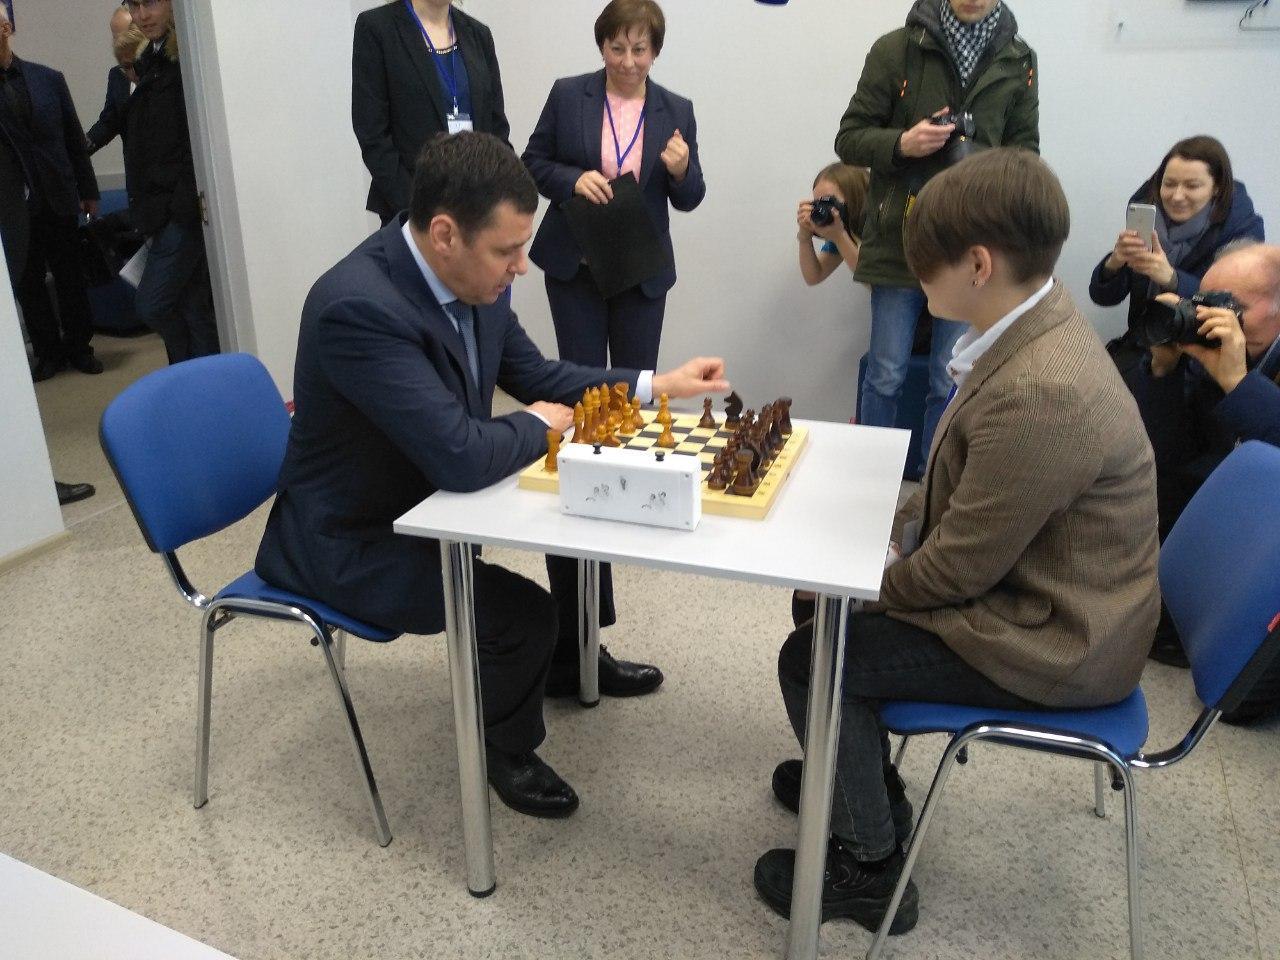 В Переславле-Залесском Дмитрий Миронов во время рабочей поездки сыграл в шахматы